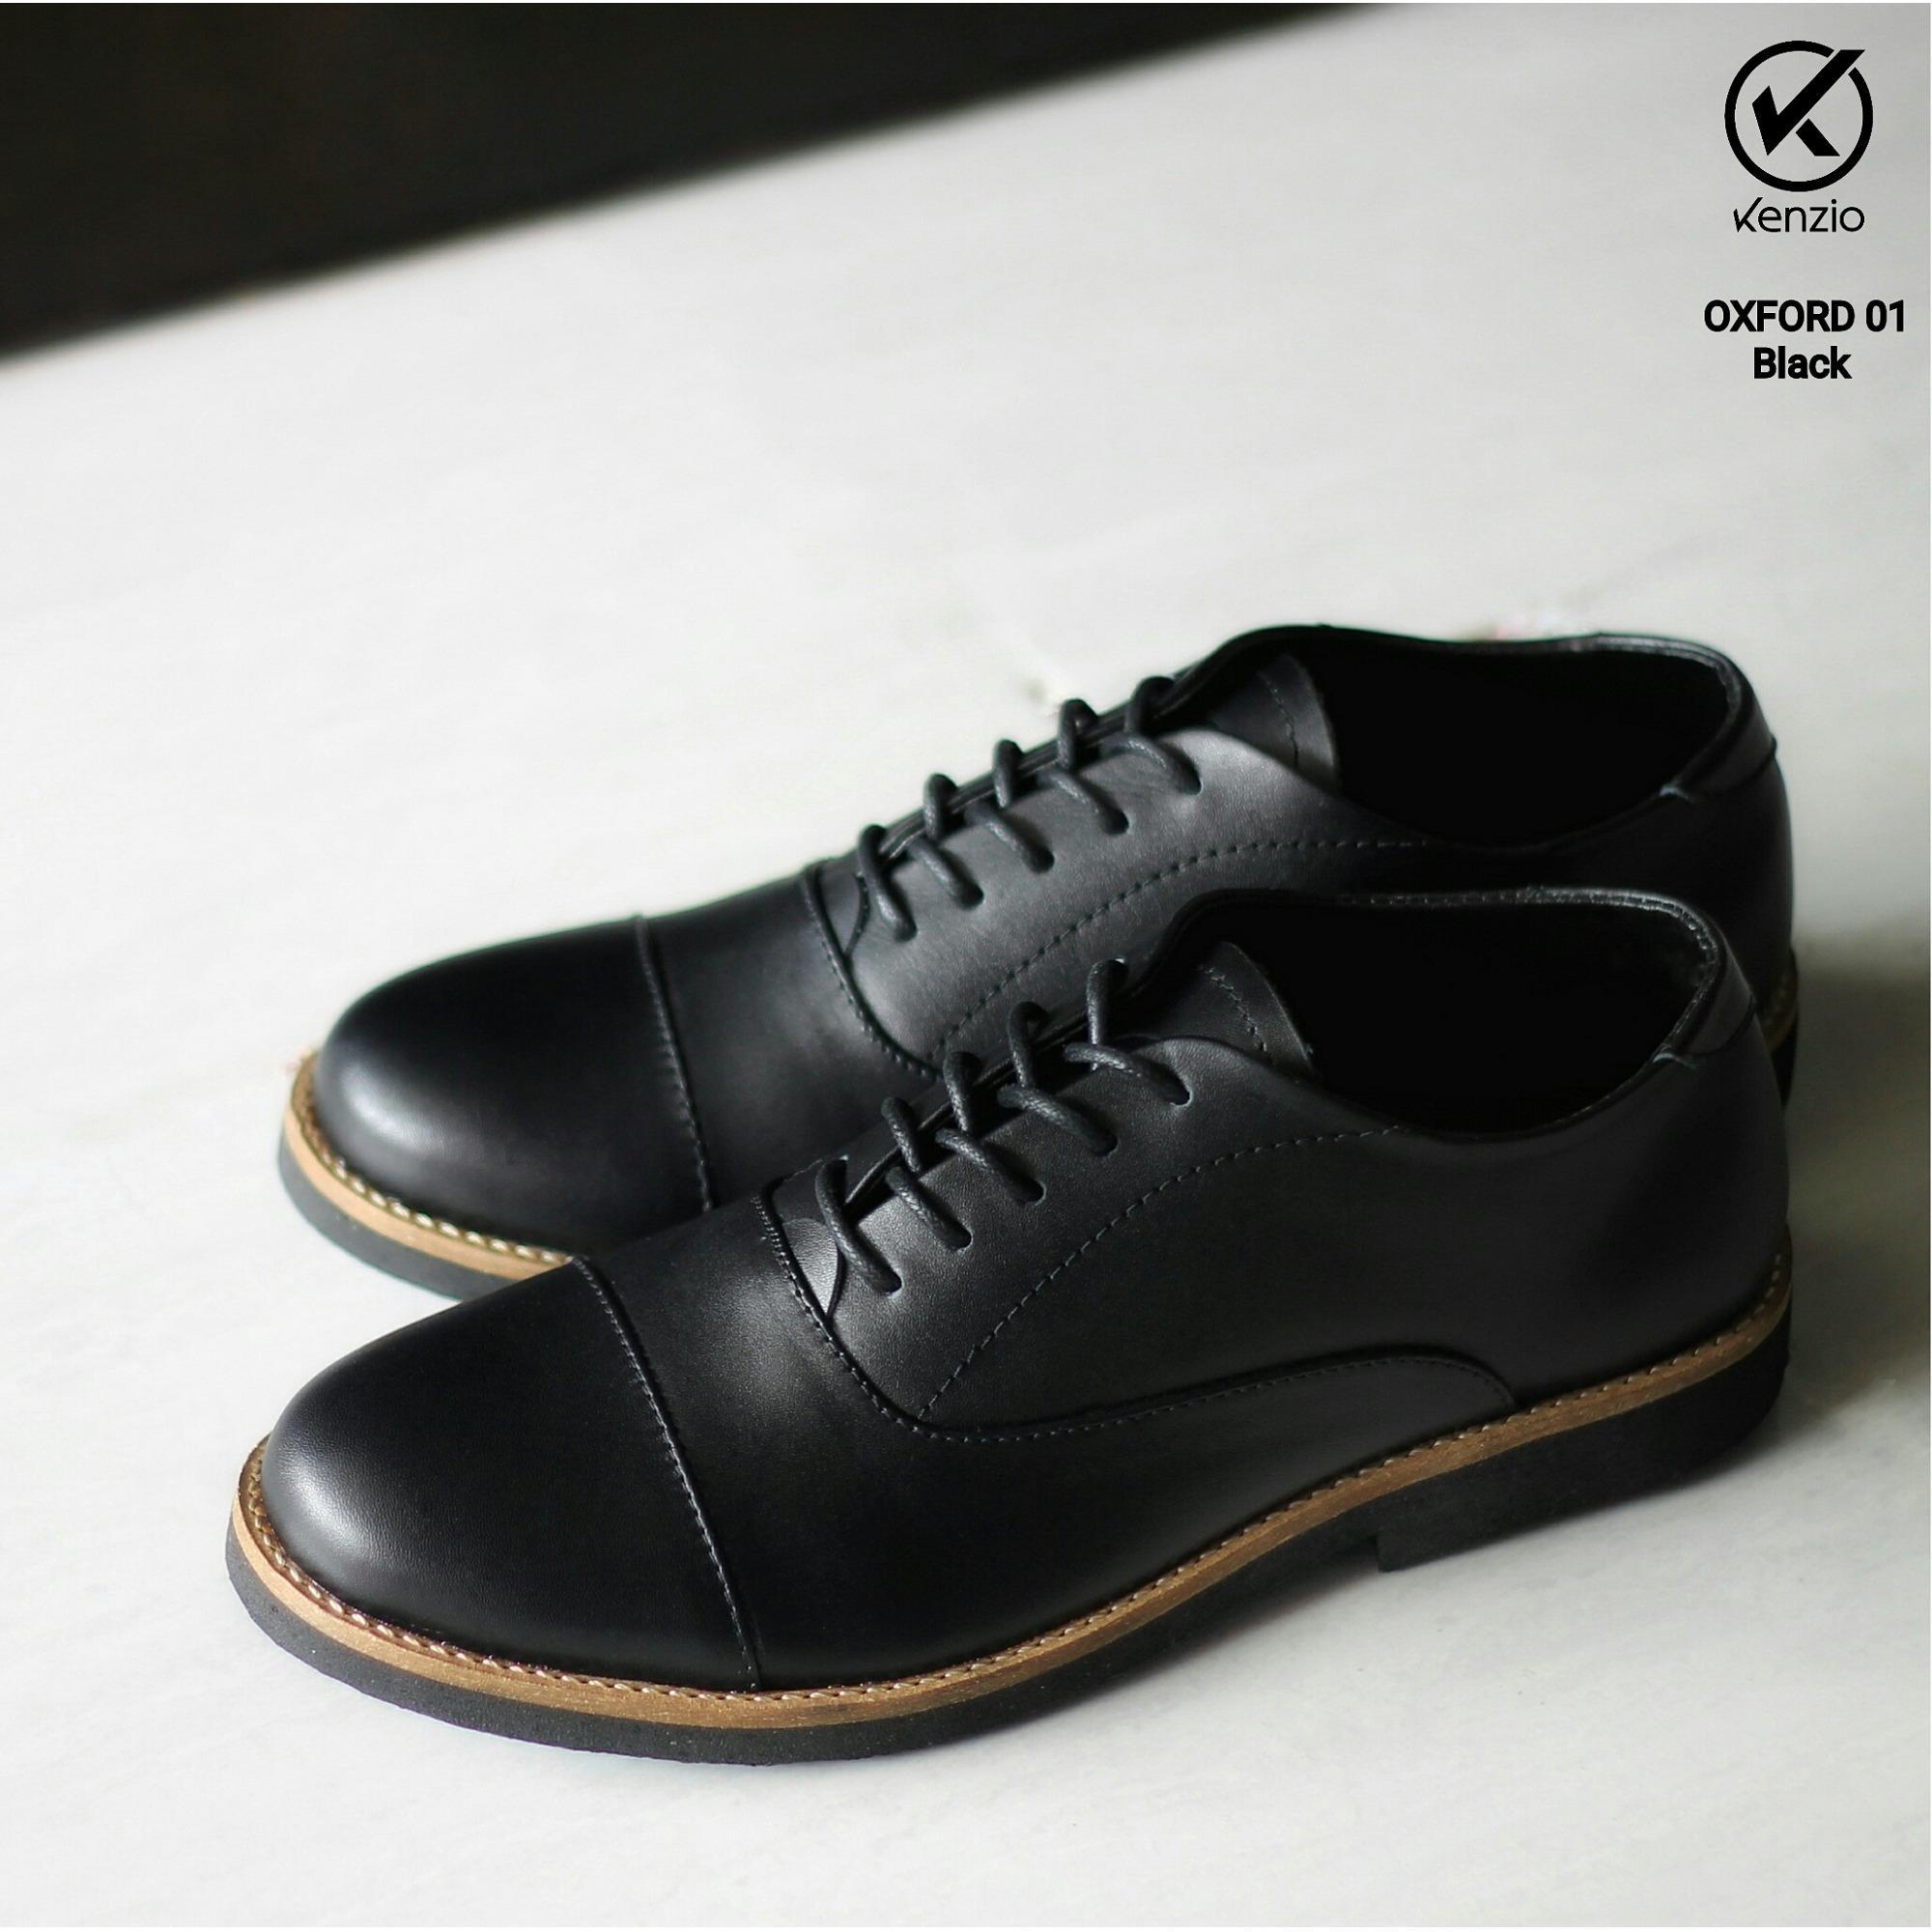 Fitur Sepatu Pria Formal Acara Resmi Casual Kulit Asli Temali Kenzio Ter Boots Humm3r Underground Detail Gambar Oxford 01 Hitam Terbaru